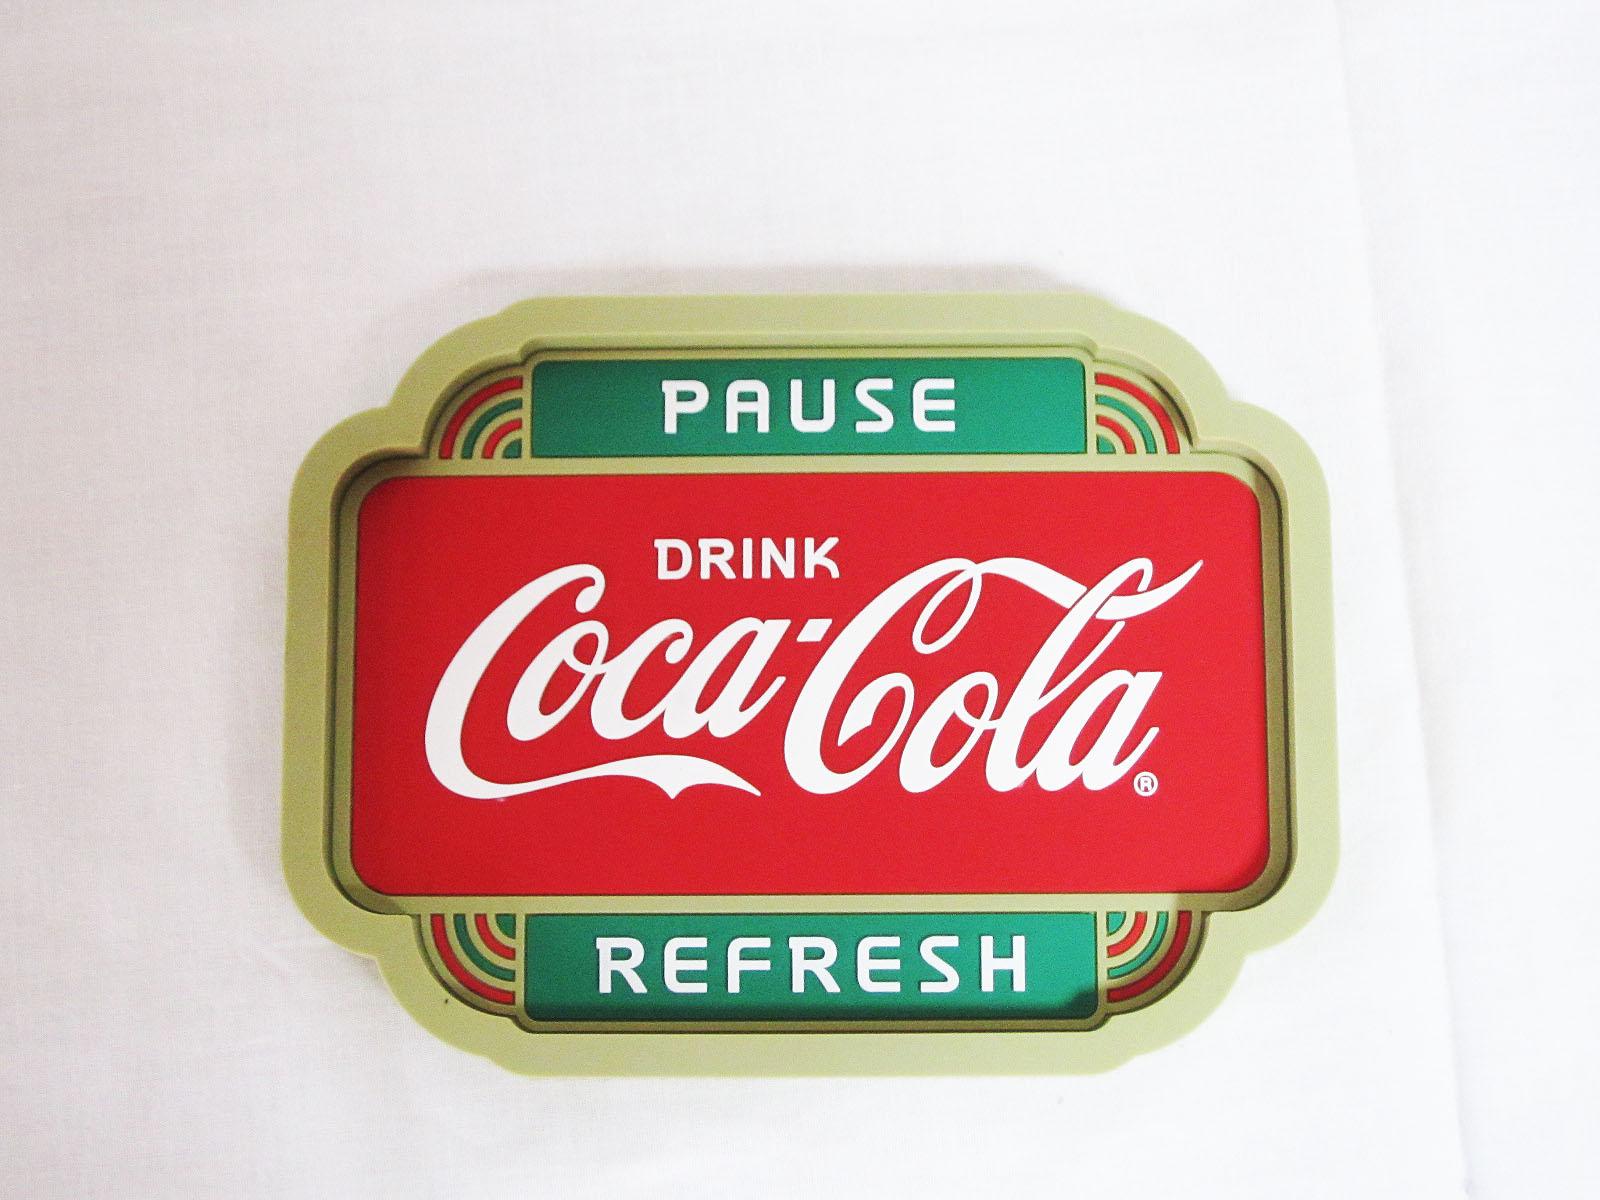 コカ・コーラ デスクトップサイン ラバートレイ ☆PAUSE★Coca-Cola /コカ・コーラ